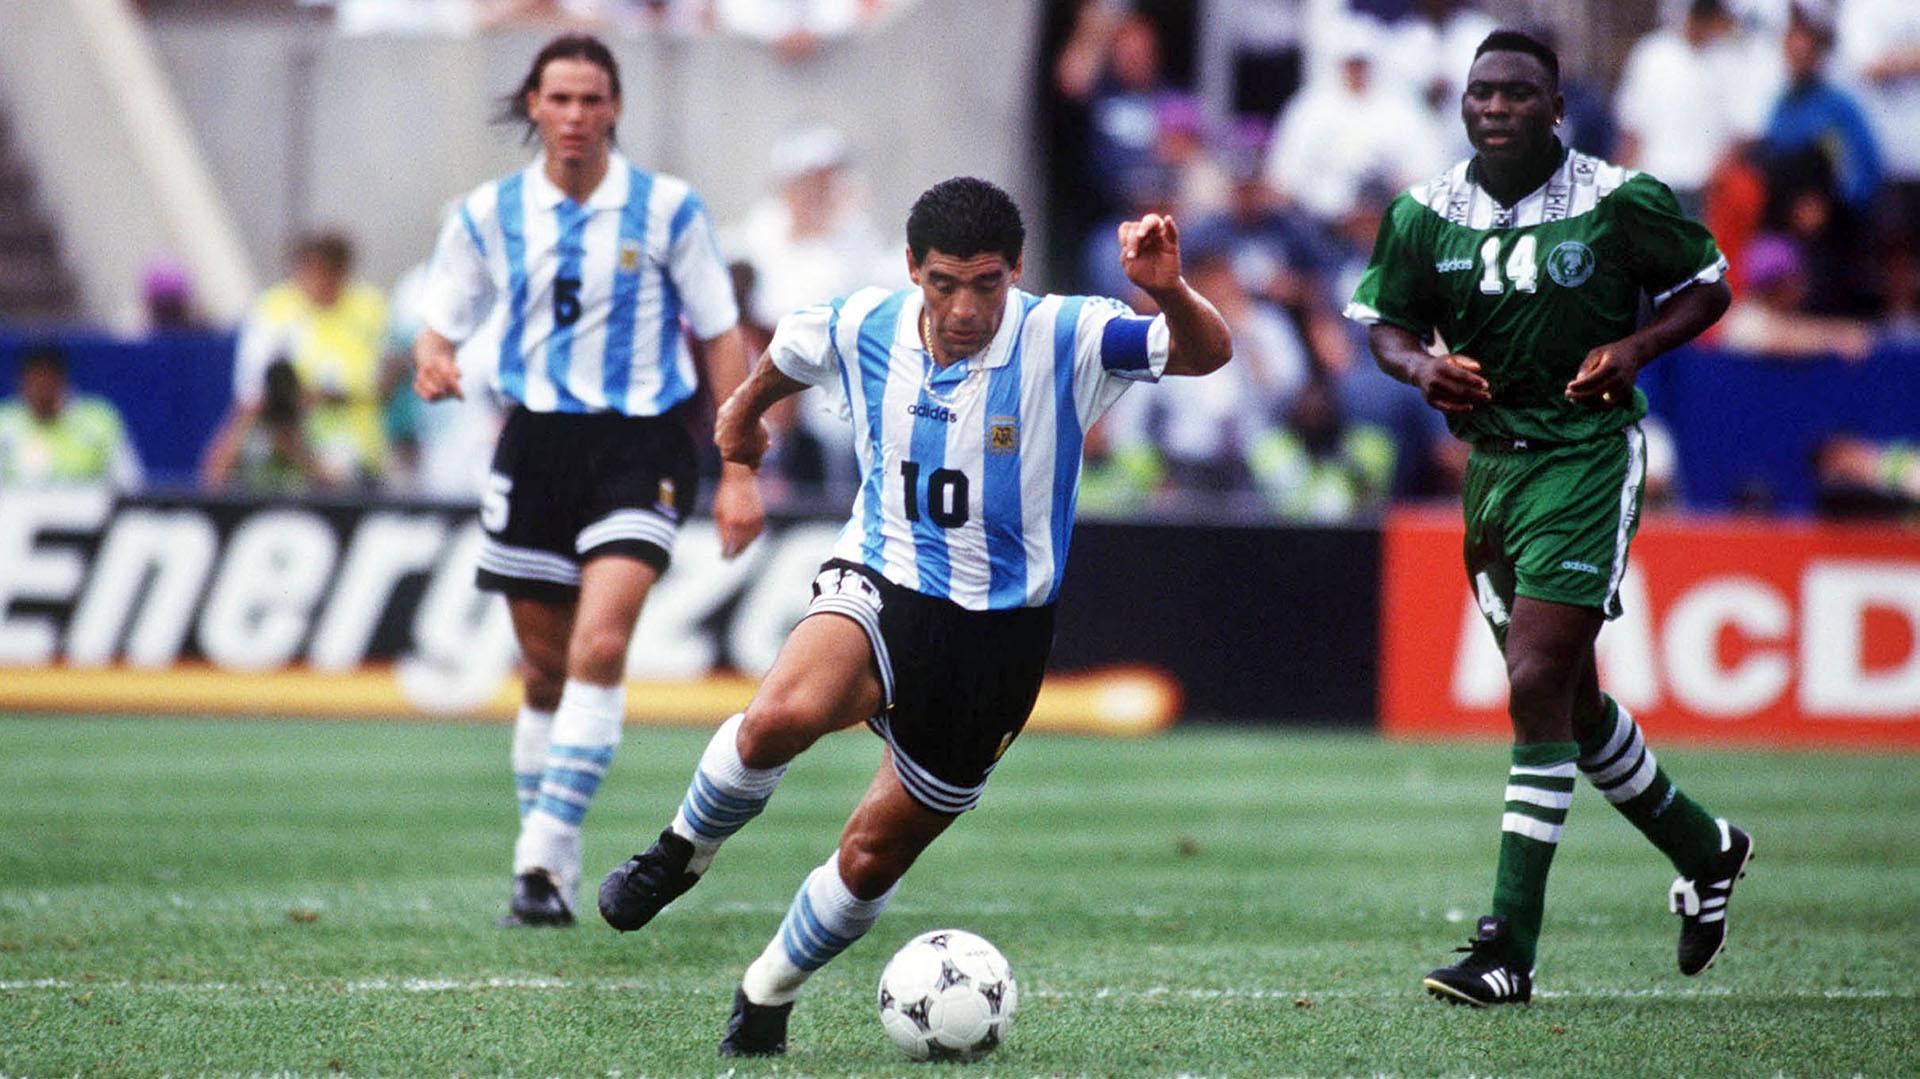 La droga que Maradona tomó en el Mundial de Estados Unidos hace 25 años hoy  no sería doping - Infobae